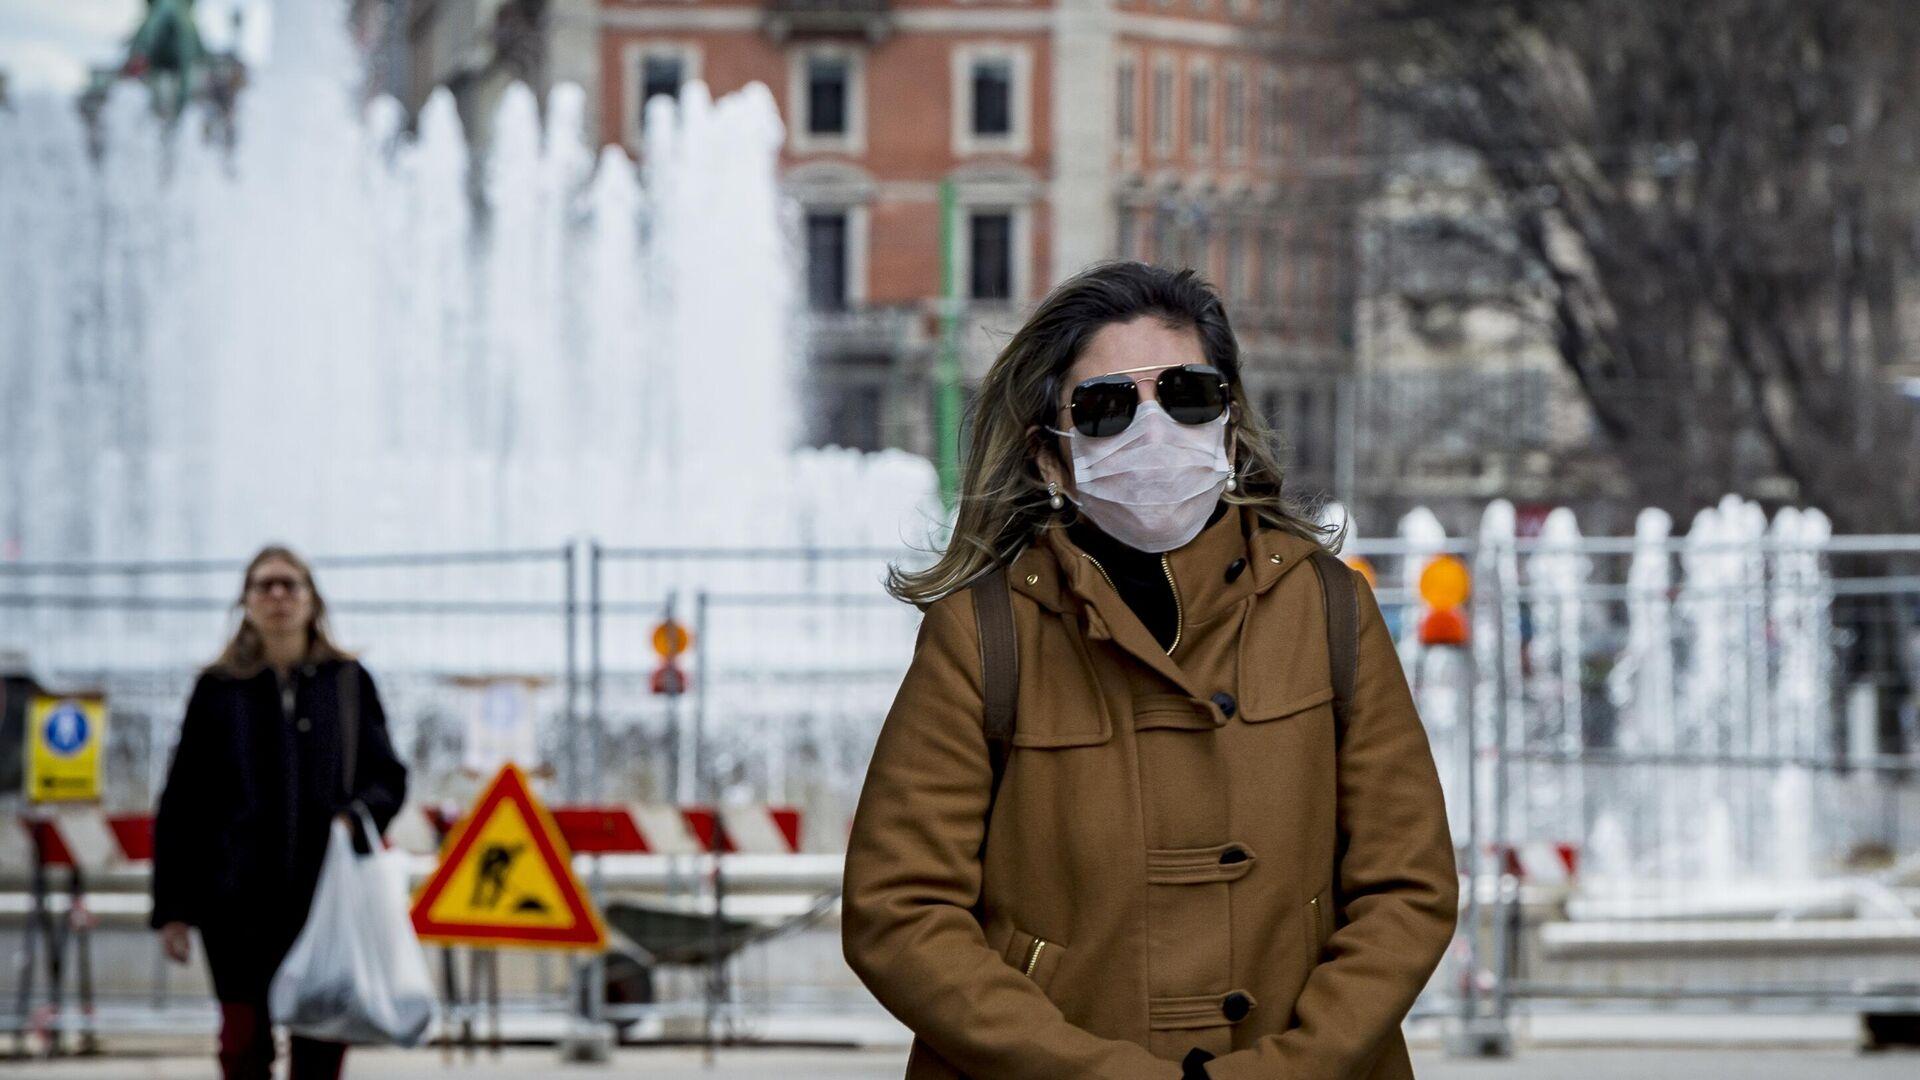 Женщина в маске в центре Милана - РИА Новости, 1920, 22.11.2020